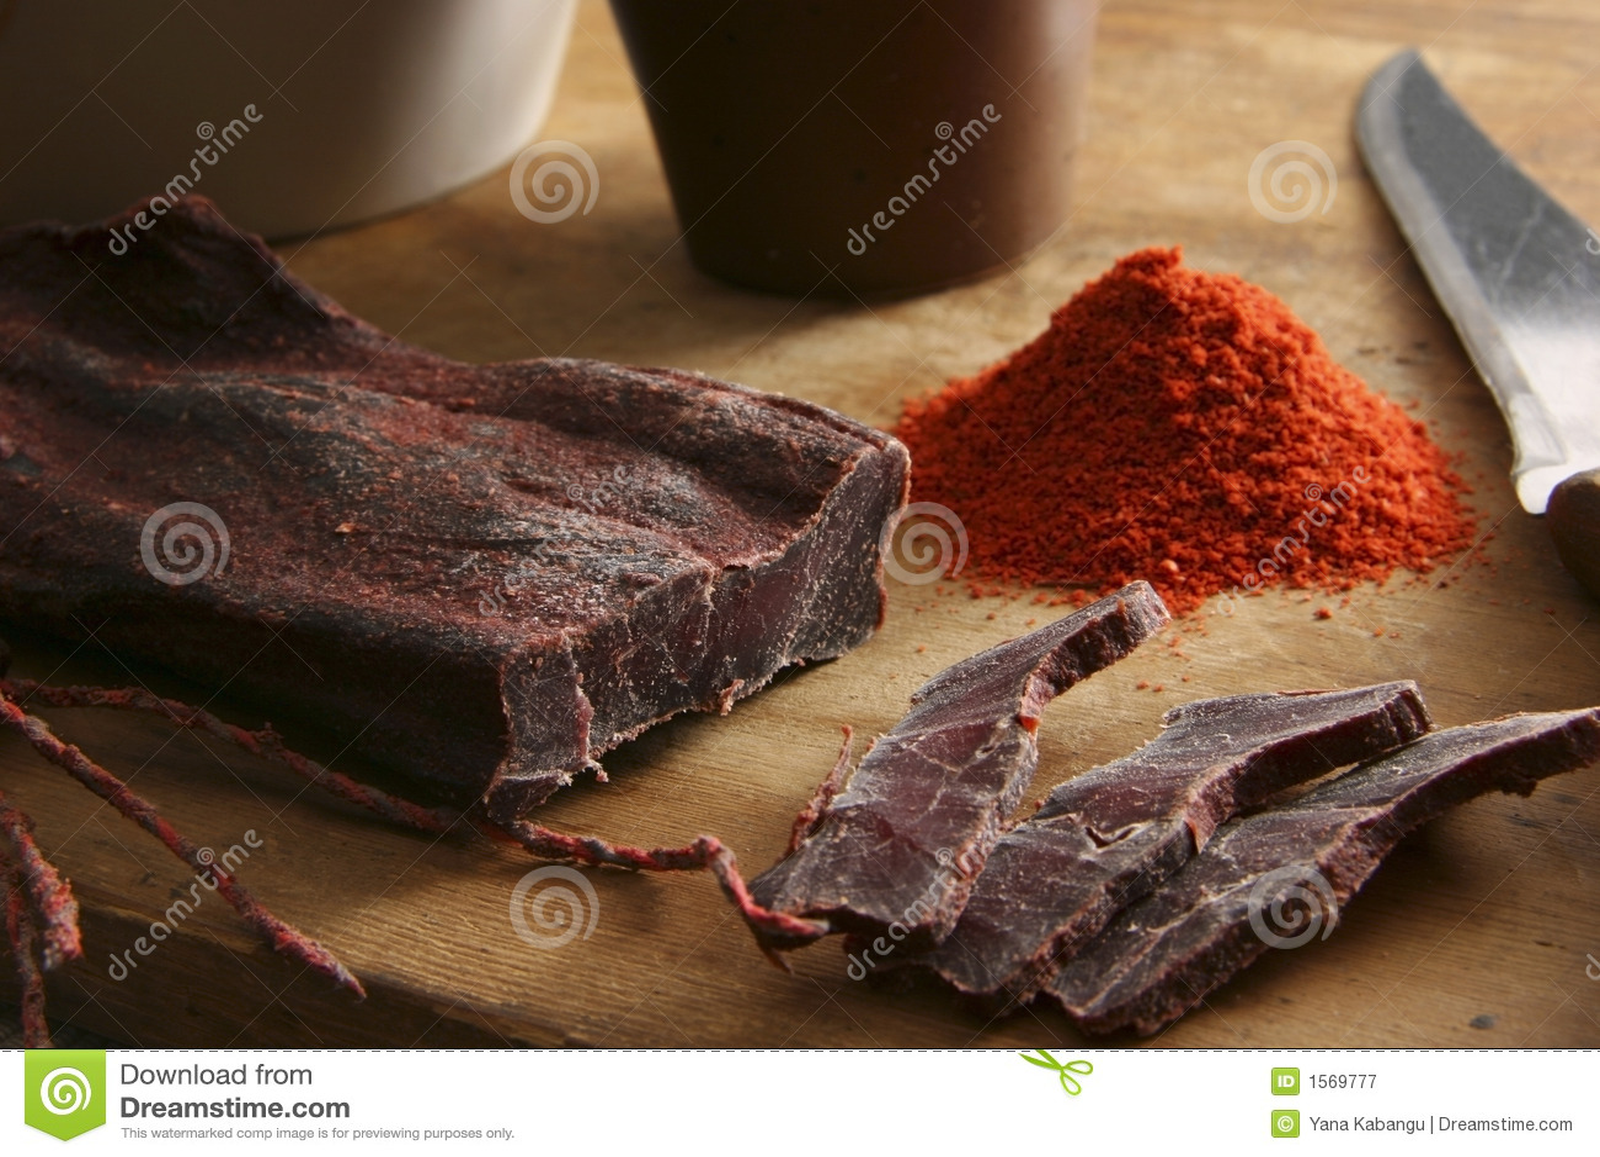 Суджук из свинины в домашних условиях рецепт